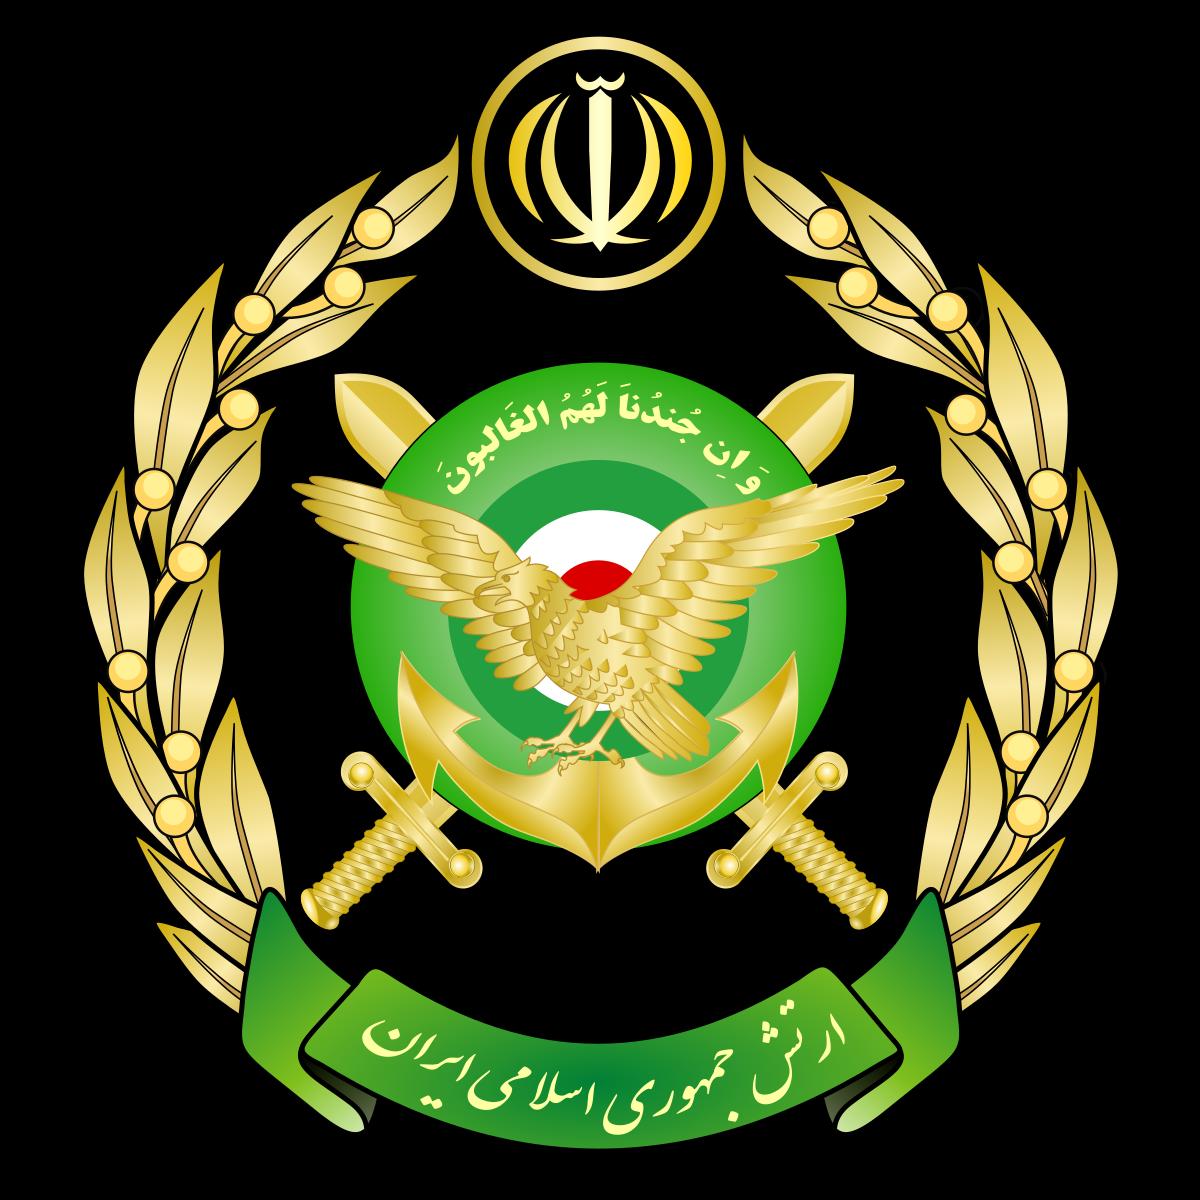 ارتش برای حفظ نظام و انقلاب جان میدهد/ حمایت از کالای ایرانی سرلوحه برنامههای ارتش